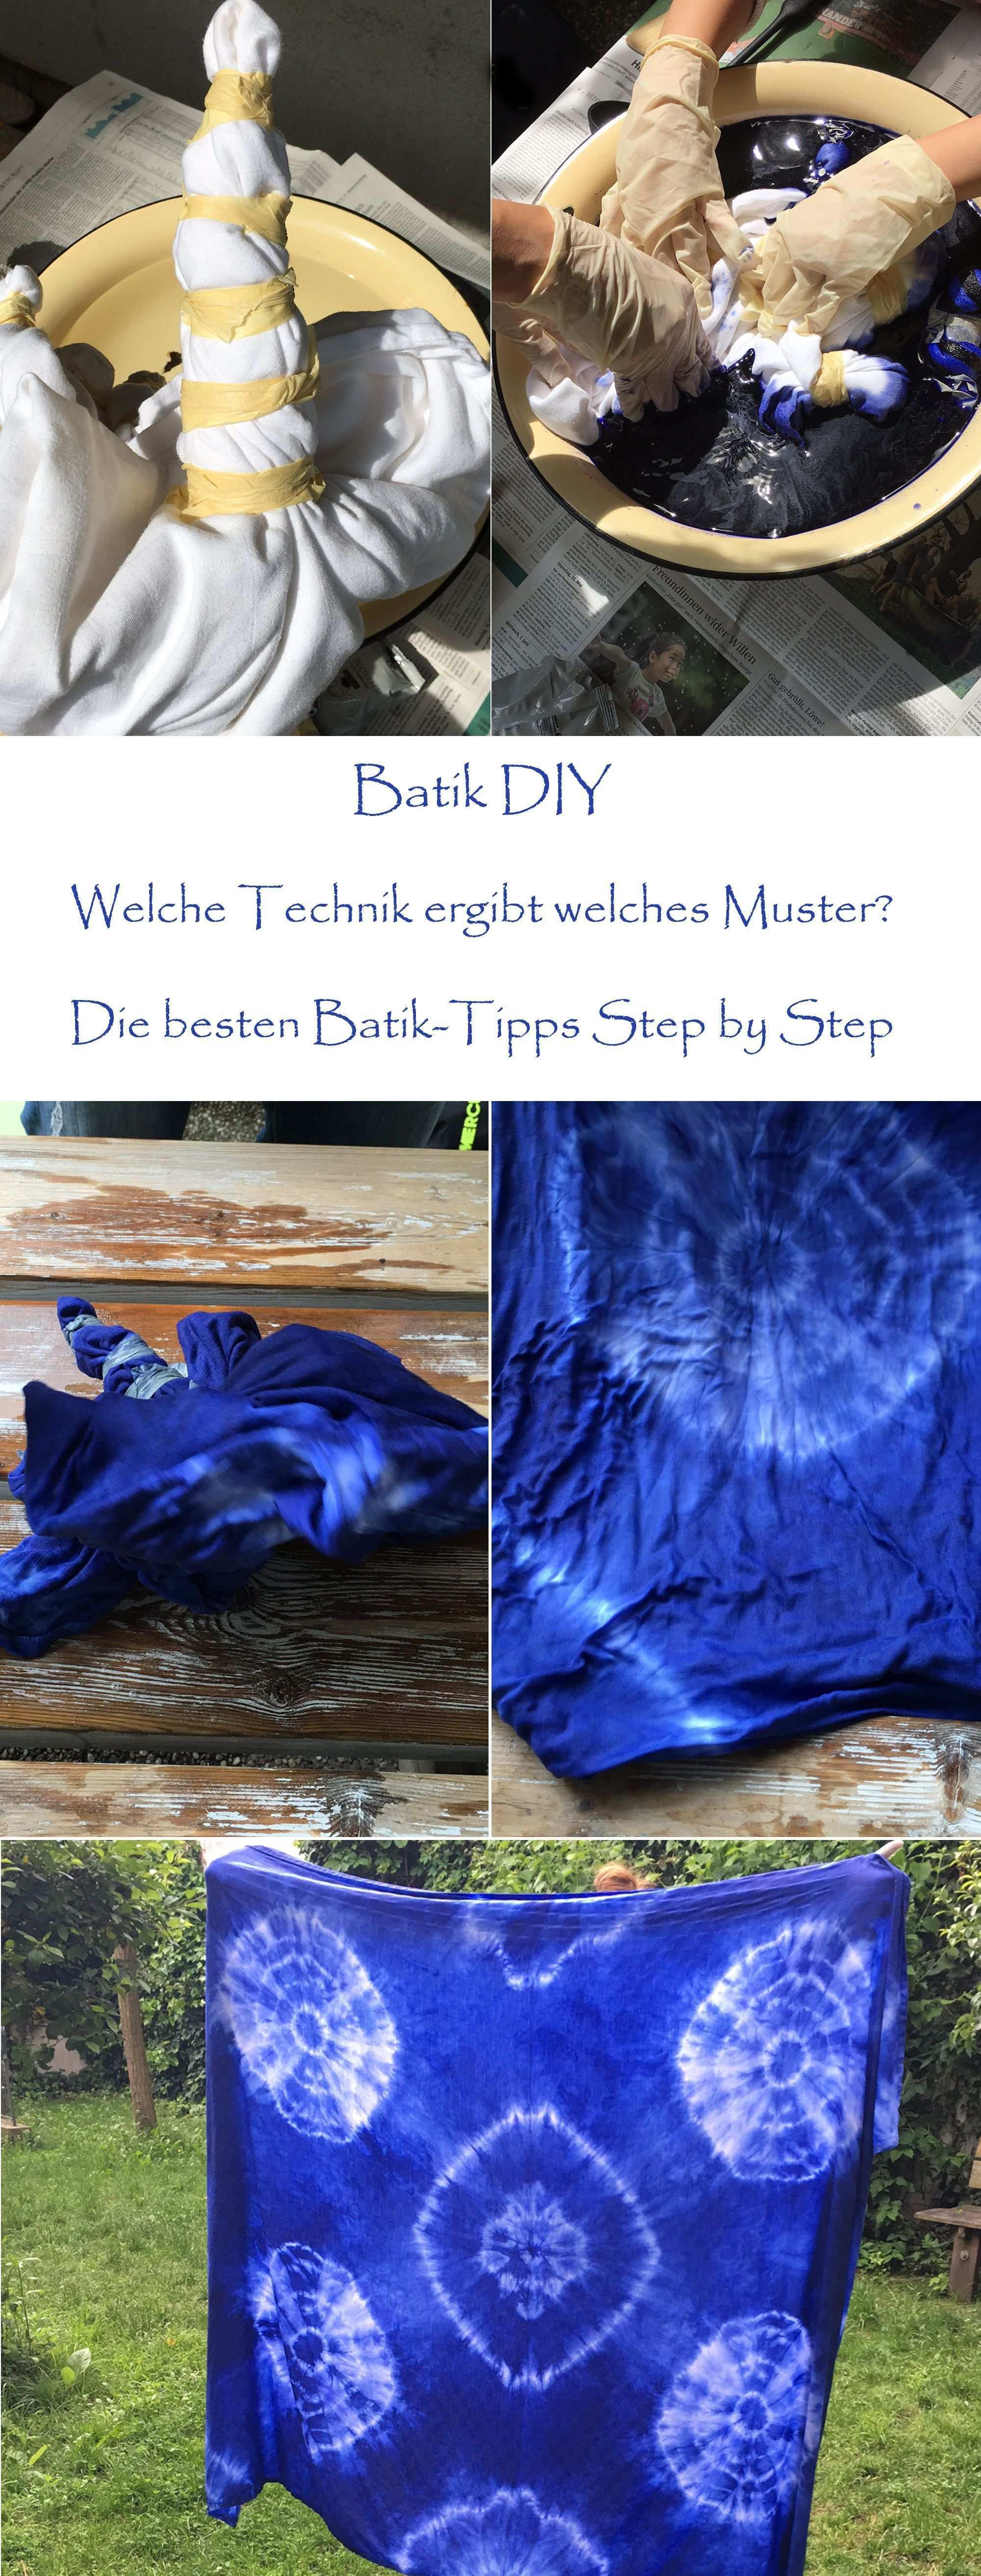 Batikanleitung Selbermachen Einfachste Anleitung Batiken Welches Faltung Einfach Ergibt Welche Muster Allem Batik Diy Fabric Crafts Diy Tie Dye Diy